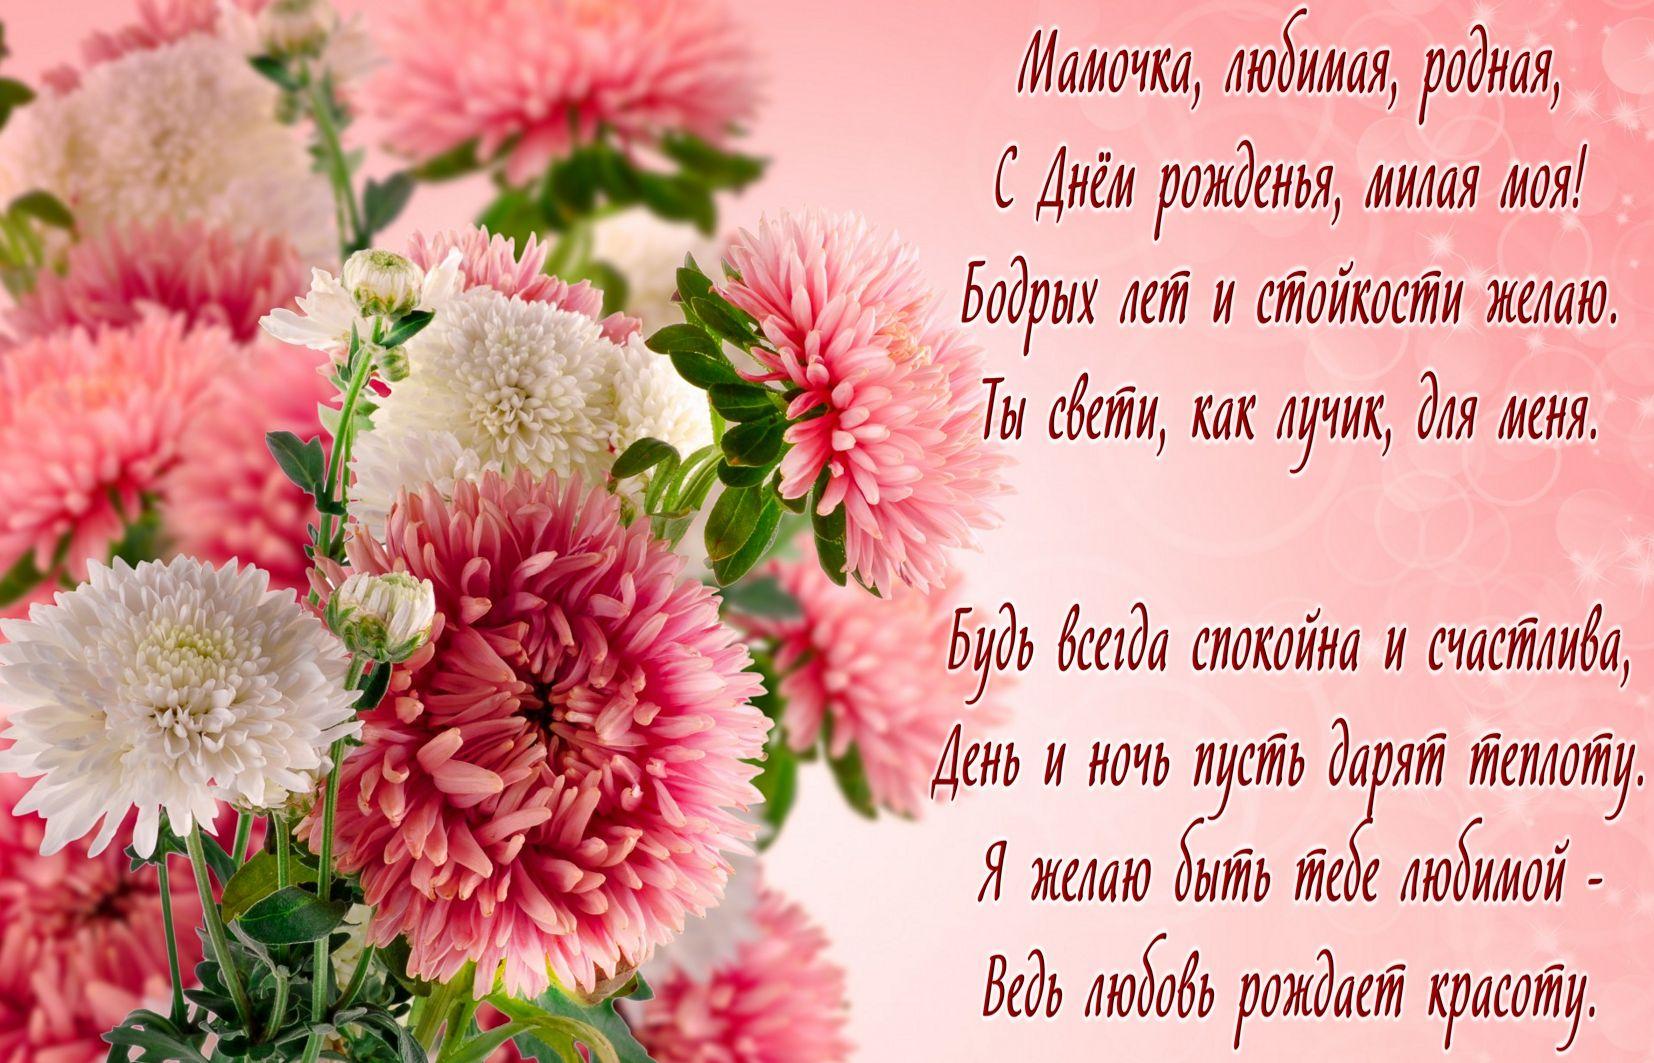 Открытка с Днём рождения маме - красивое пожелание с полевыми цветами